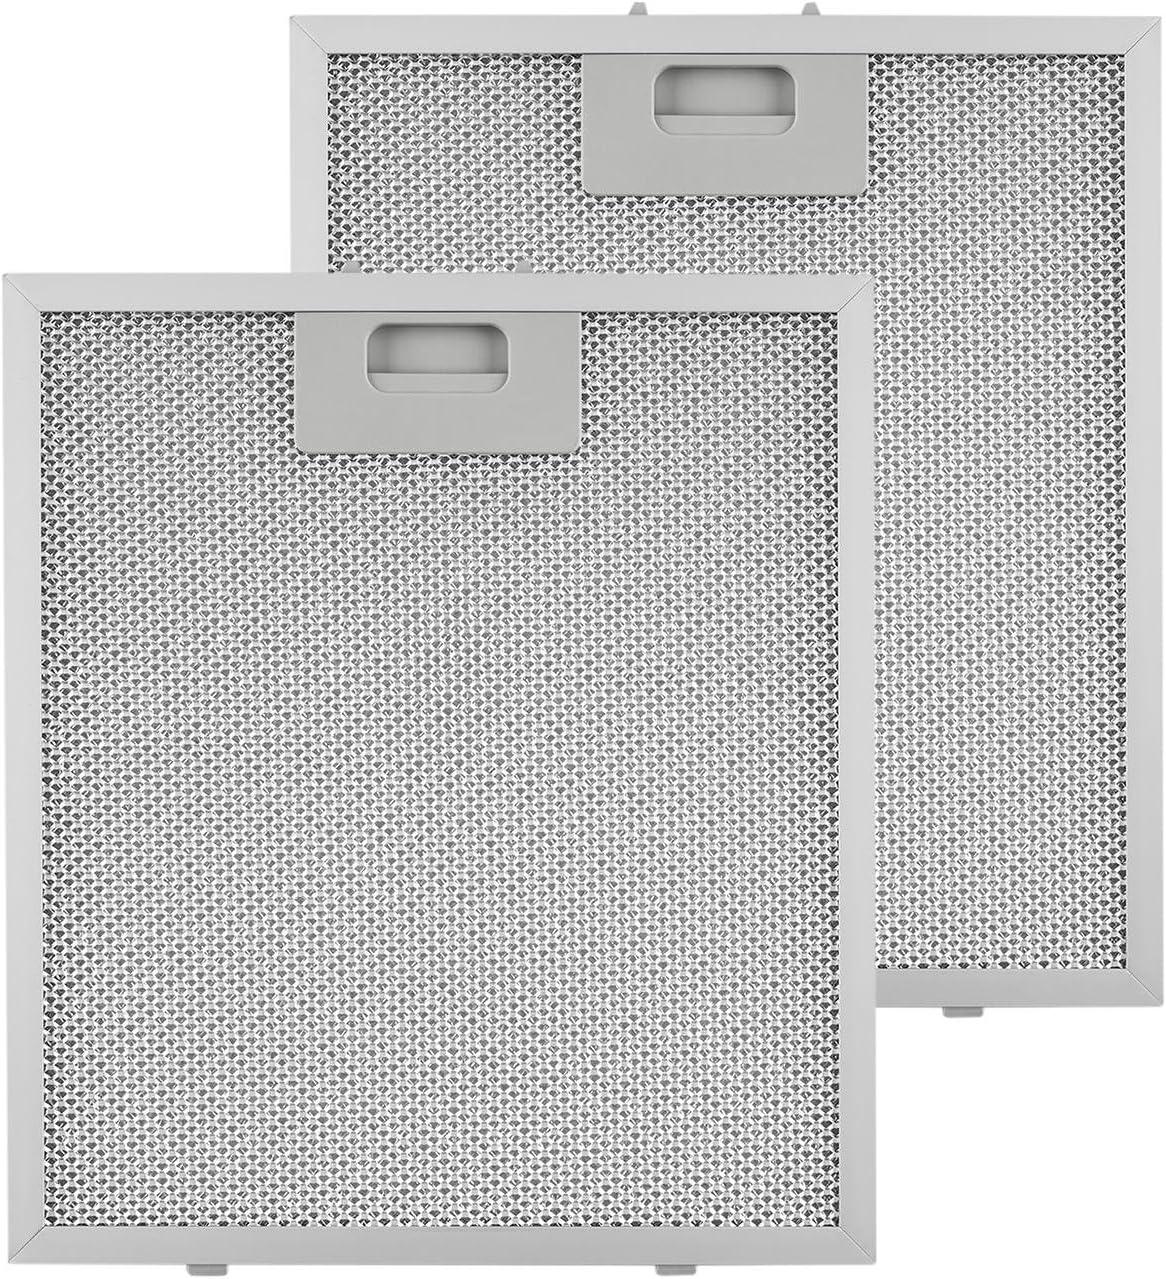 KLARSTEIN Repuesto de Filtro de Grasa de Aluminio - 25,8 x 29,8 cm, Adecuado para Campanas extractoras 10030938/9